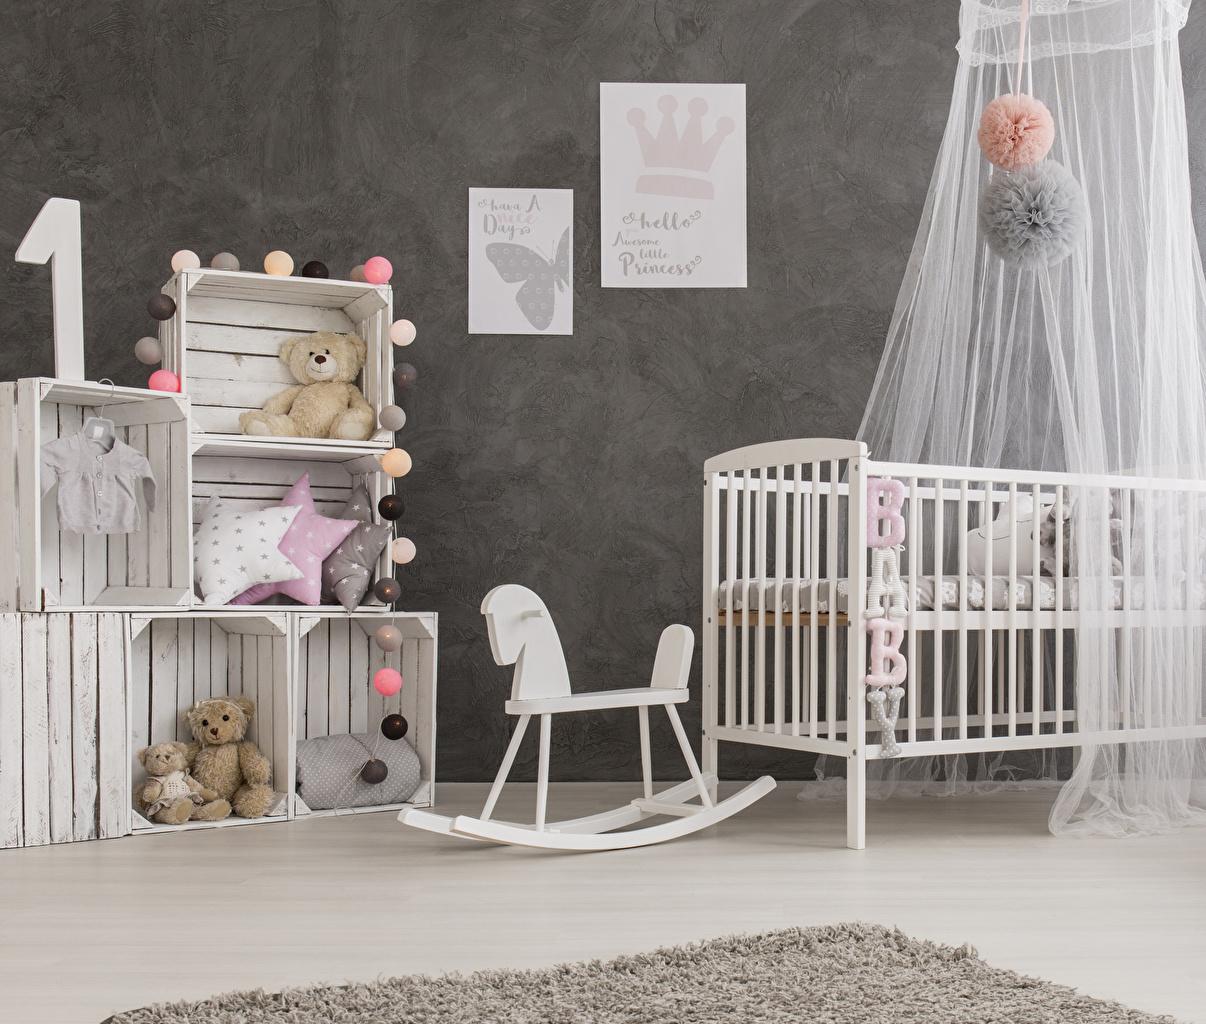 Фото Детская комната Интерьер Плюшевый мишка Игрушки Дизайн Мишки